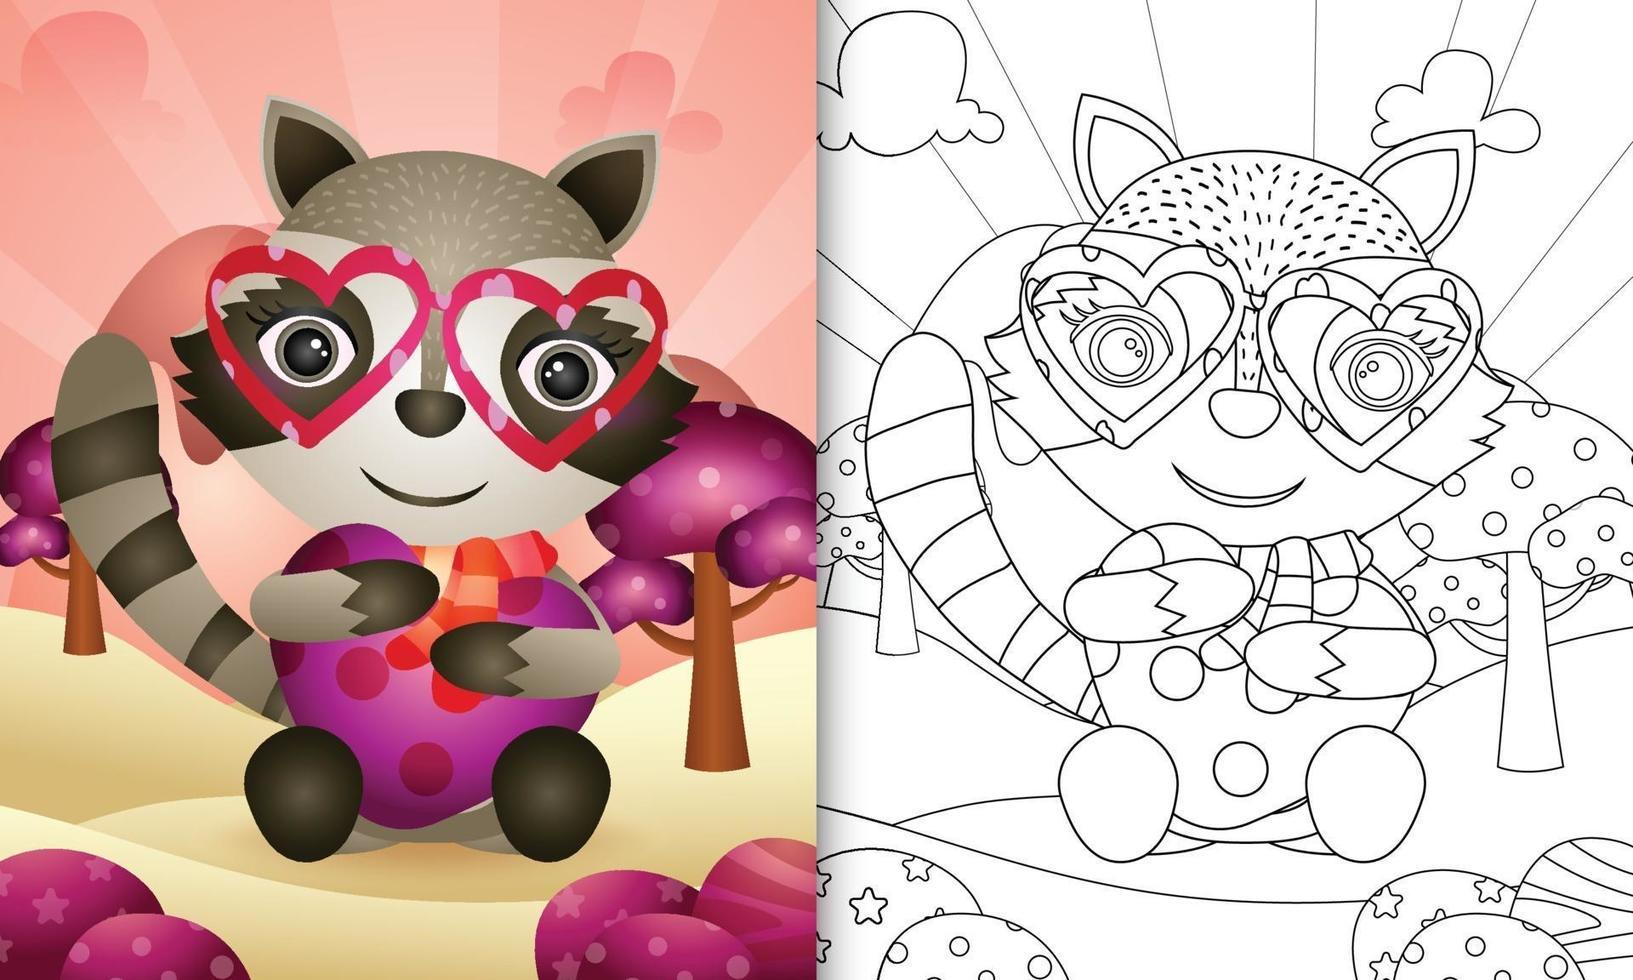 målarbok för barn med en söt tvättbjörn kramar hjärta för alla hjärtans dag vektor